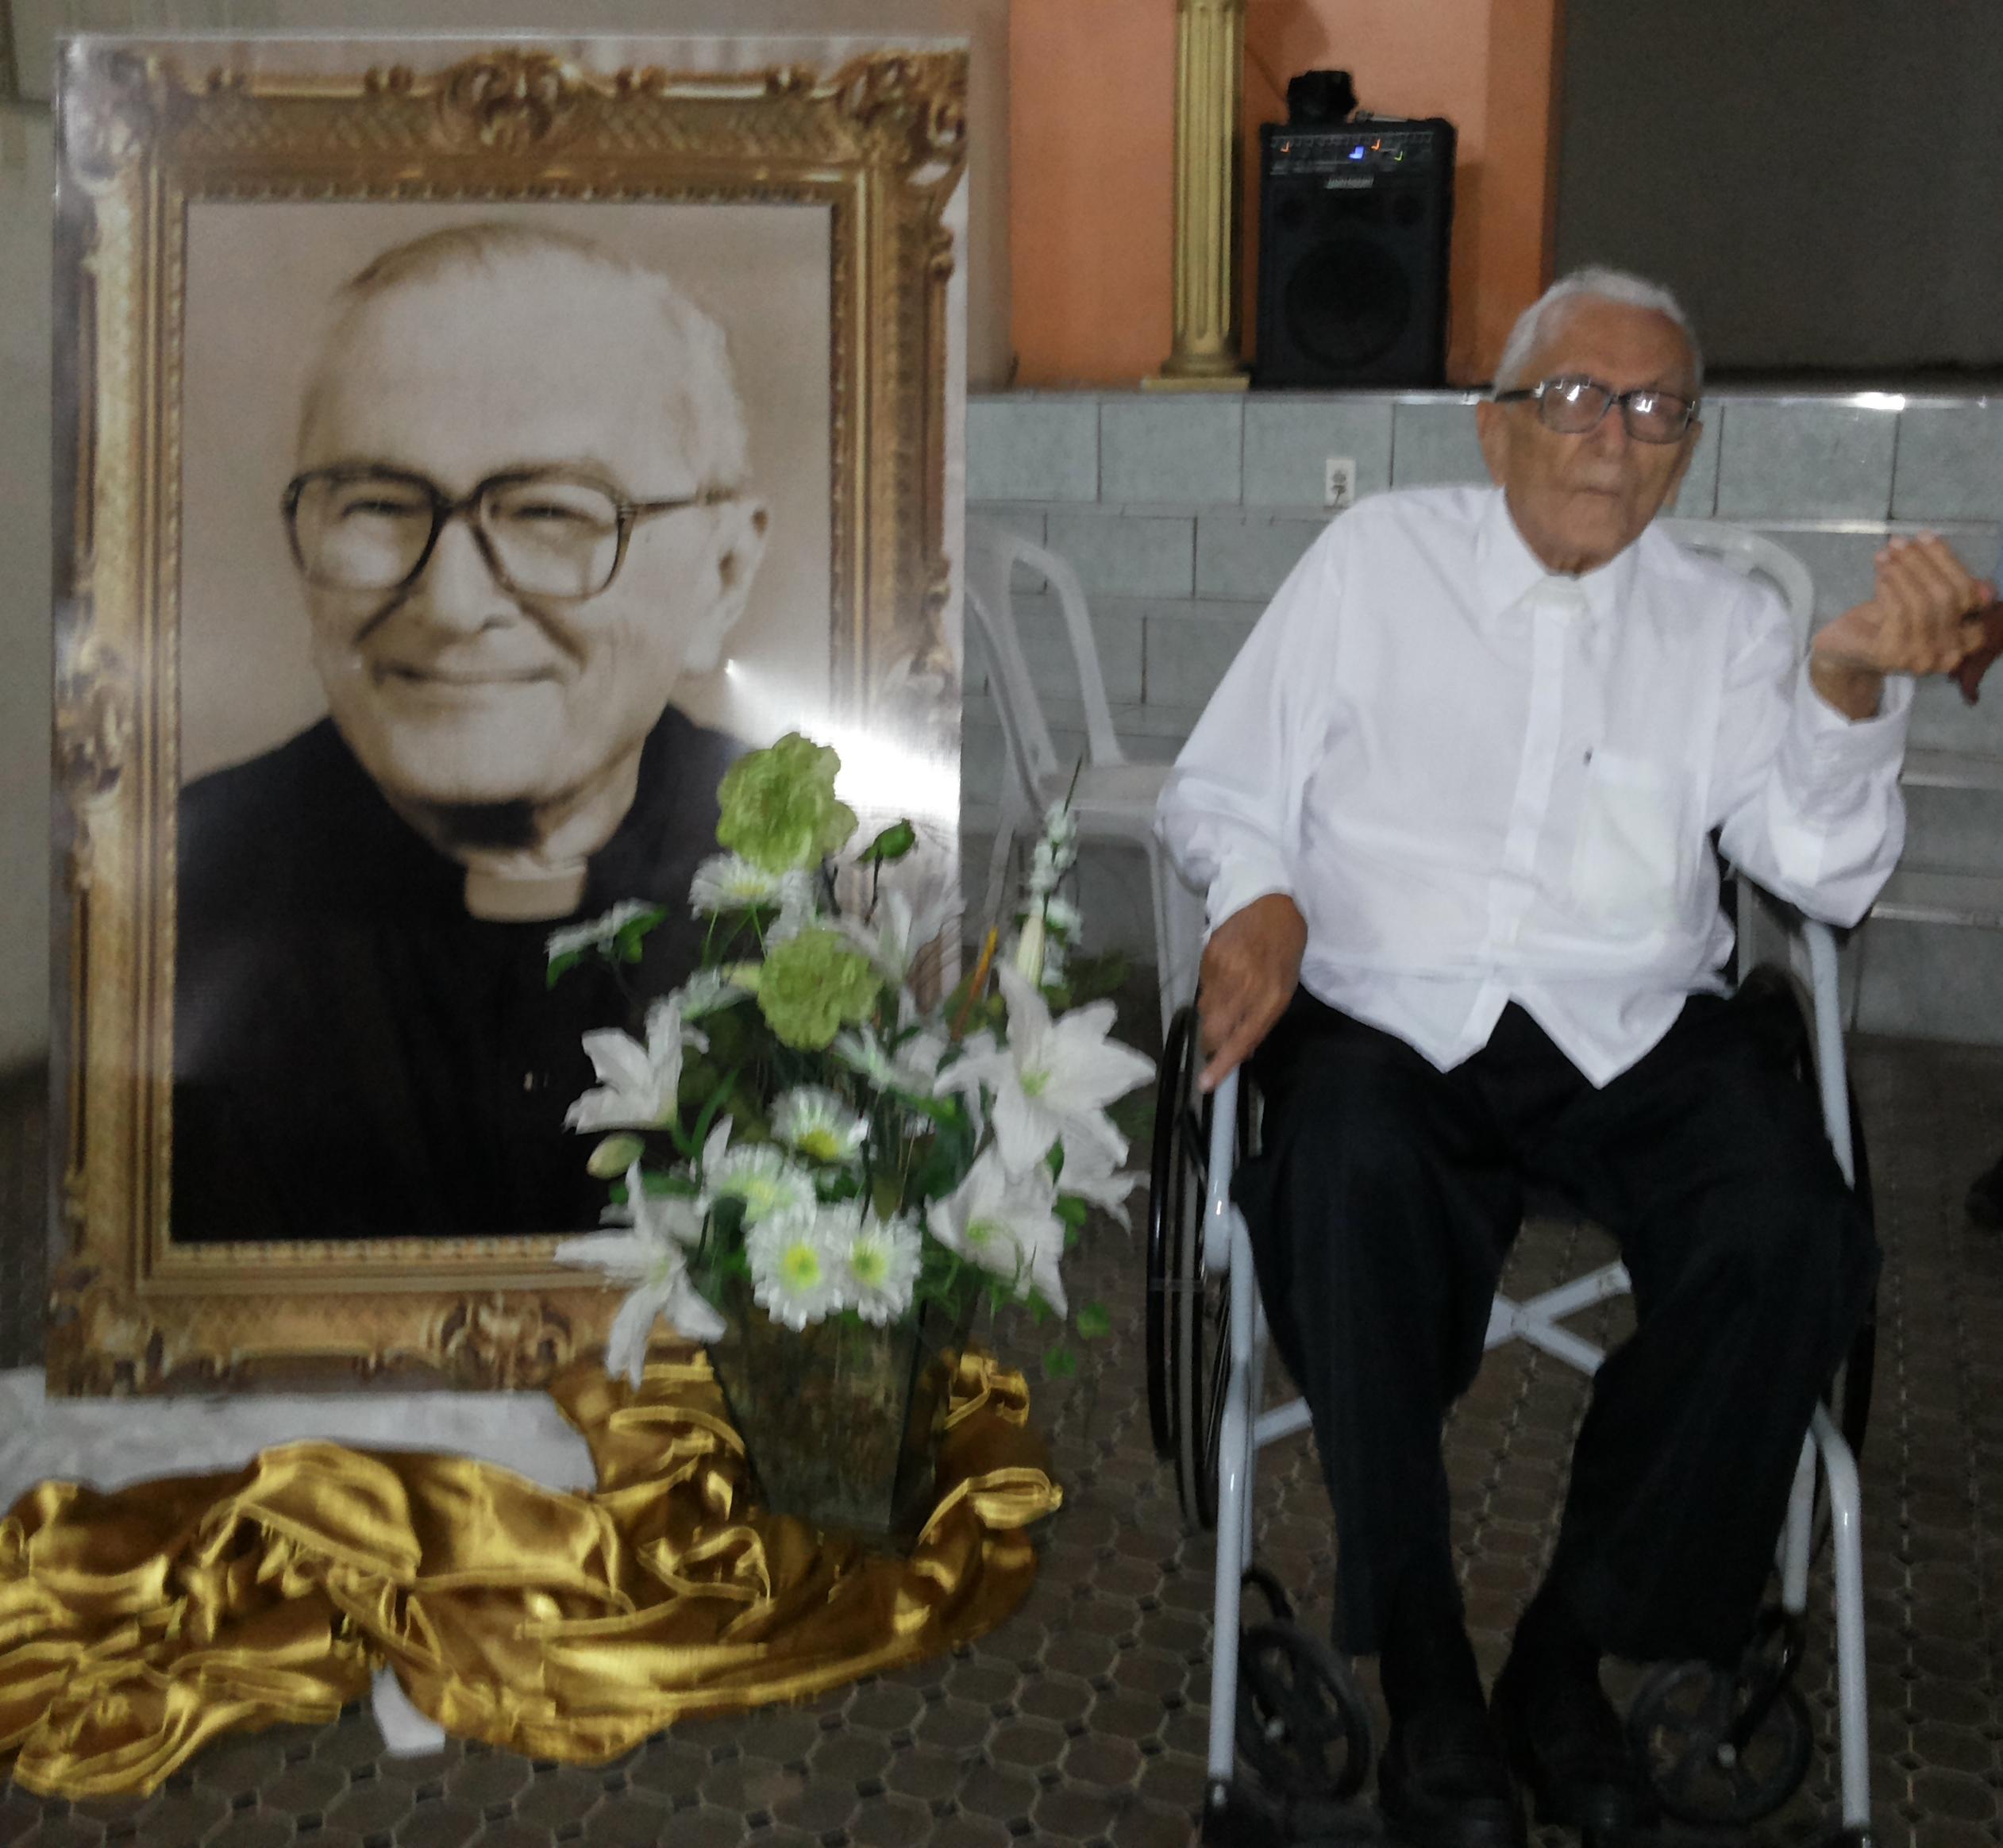 Monsenhor Mauro Gurgel Braga Herbster - 94 anos de vida e 70 de sacerdócio. Foto Dadynha Saturnino